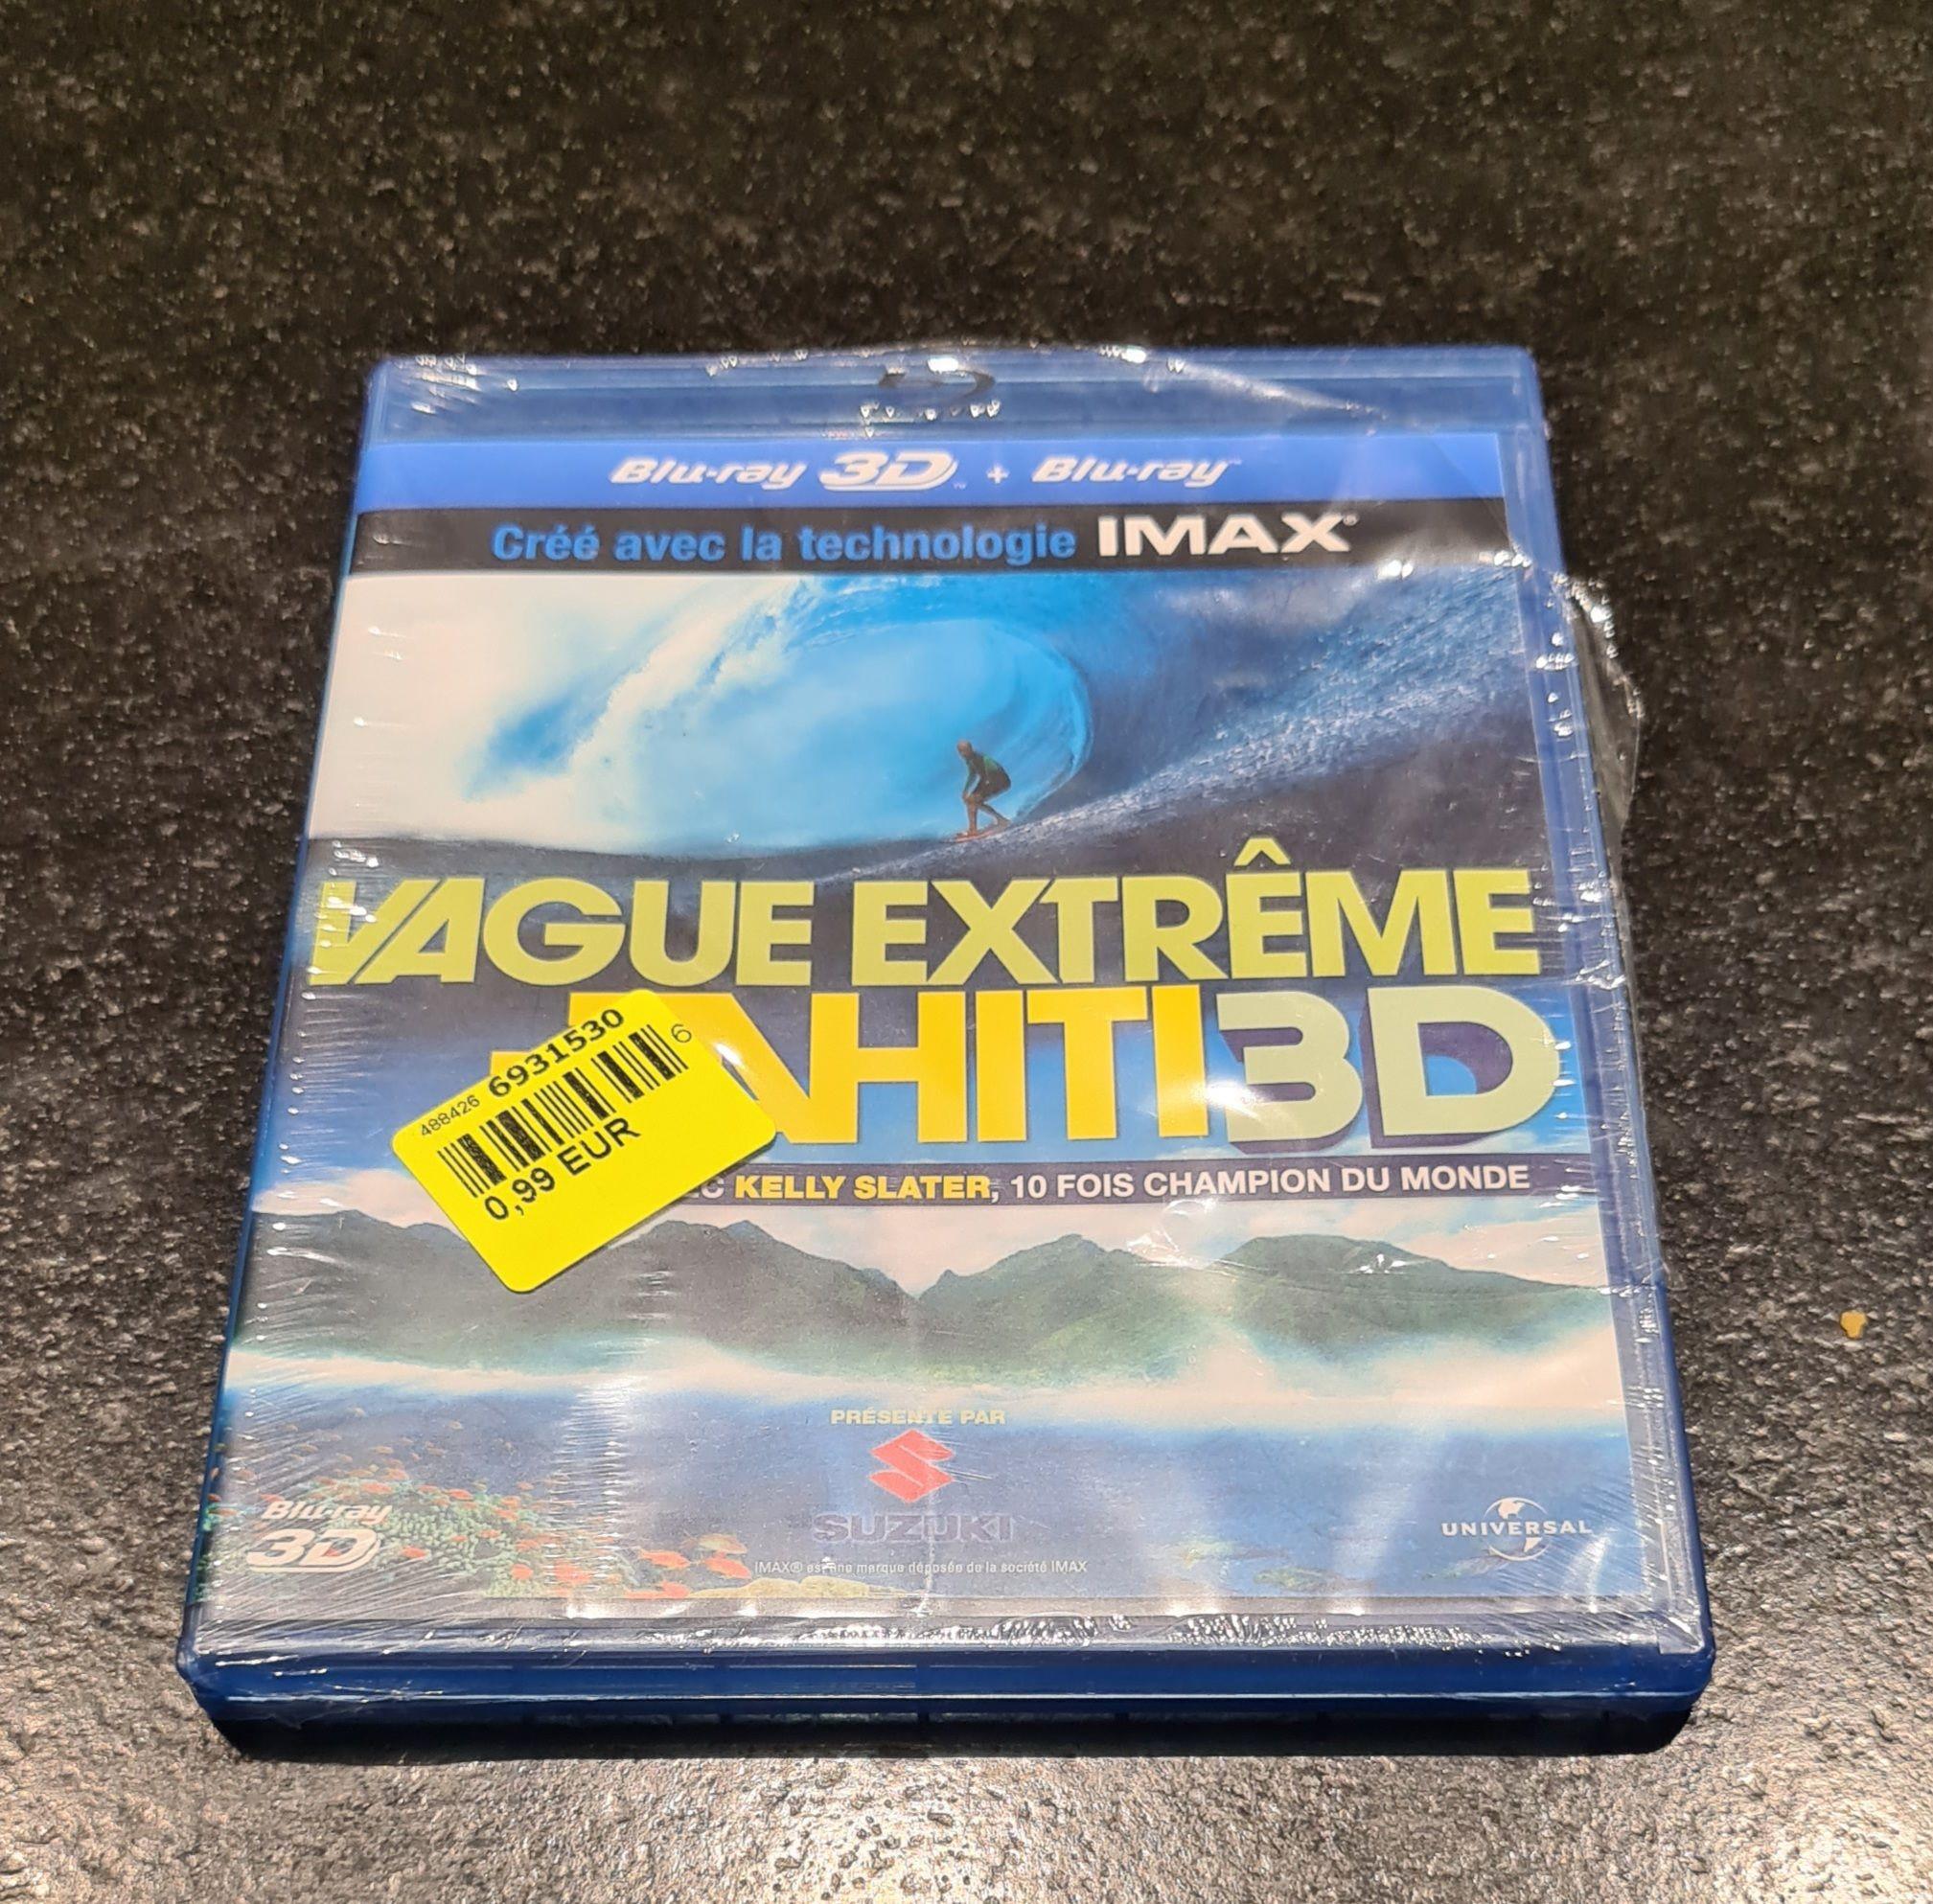 Blu-ray 3D+2D : Vague Extrême Tahiti - Noz Marsac sur l'isle (24)